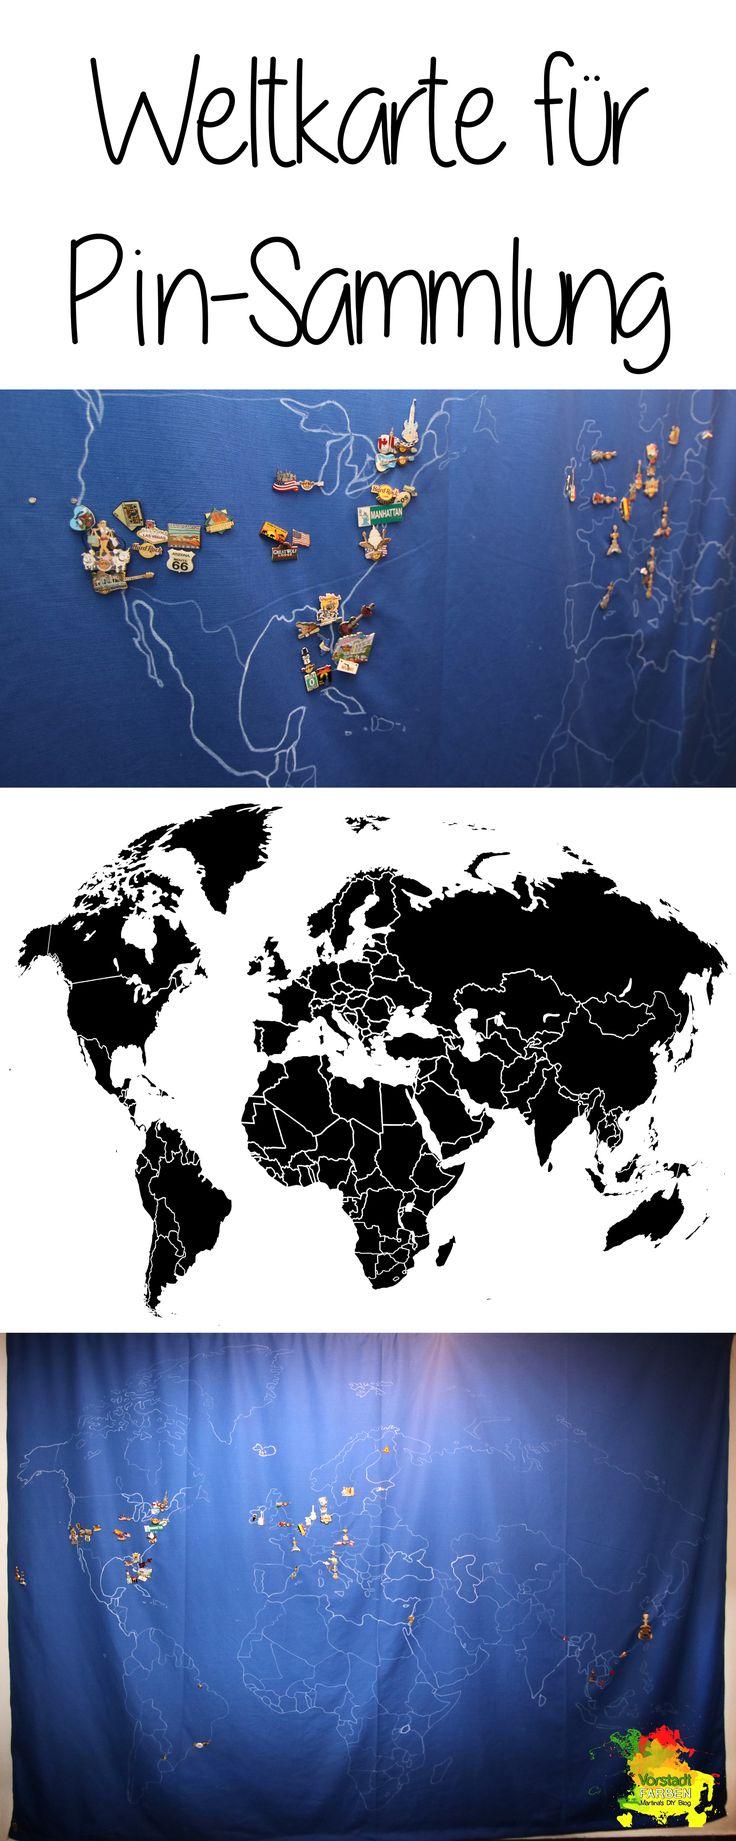 Weltkarte Aus Stoff Für Reise Pin Sammlung, Größe Der Länder Manipuliert  Mit Photoshop